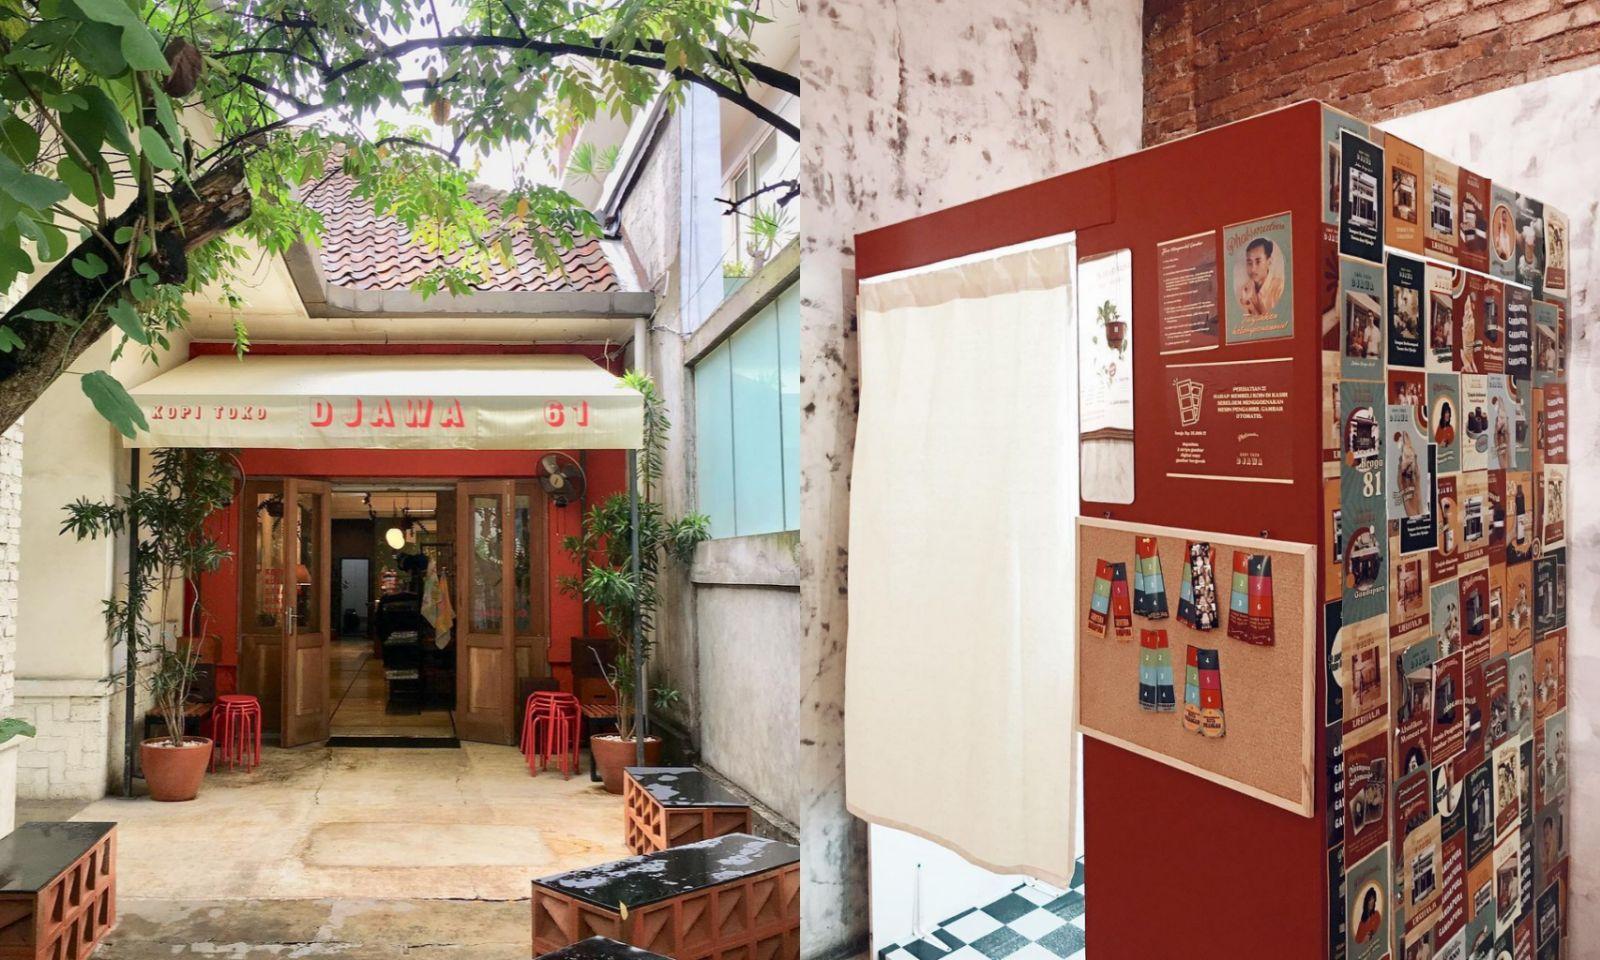 Kopi Toko Djawa Gandapura - Photobooth Photobox Kekinian Di Jakarta Dan Bandung